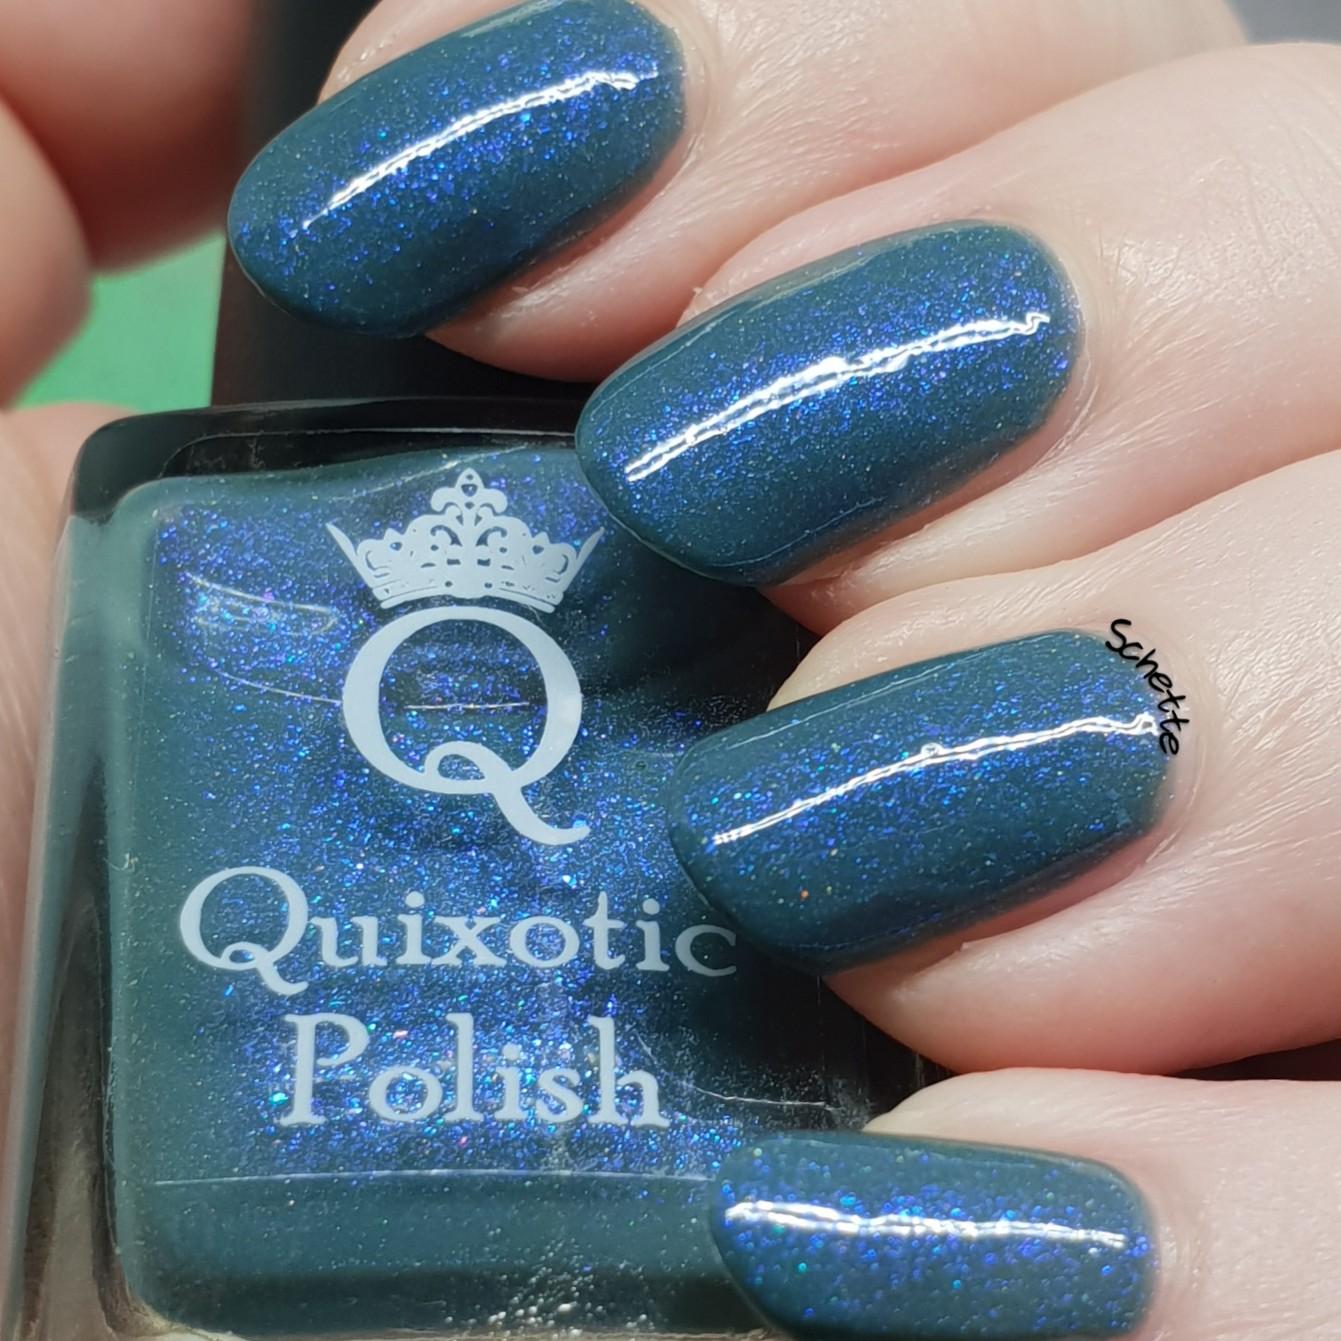 Quixotic Polish - All my secrets